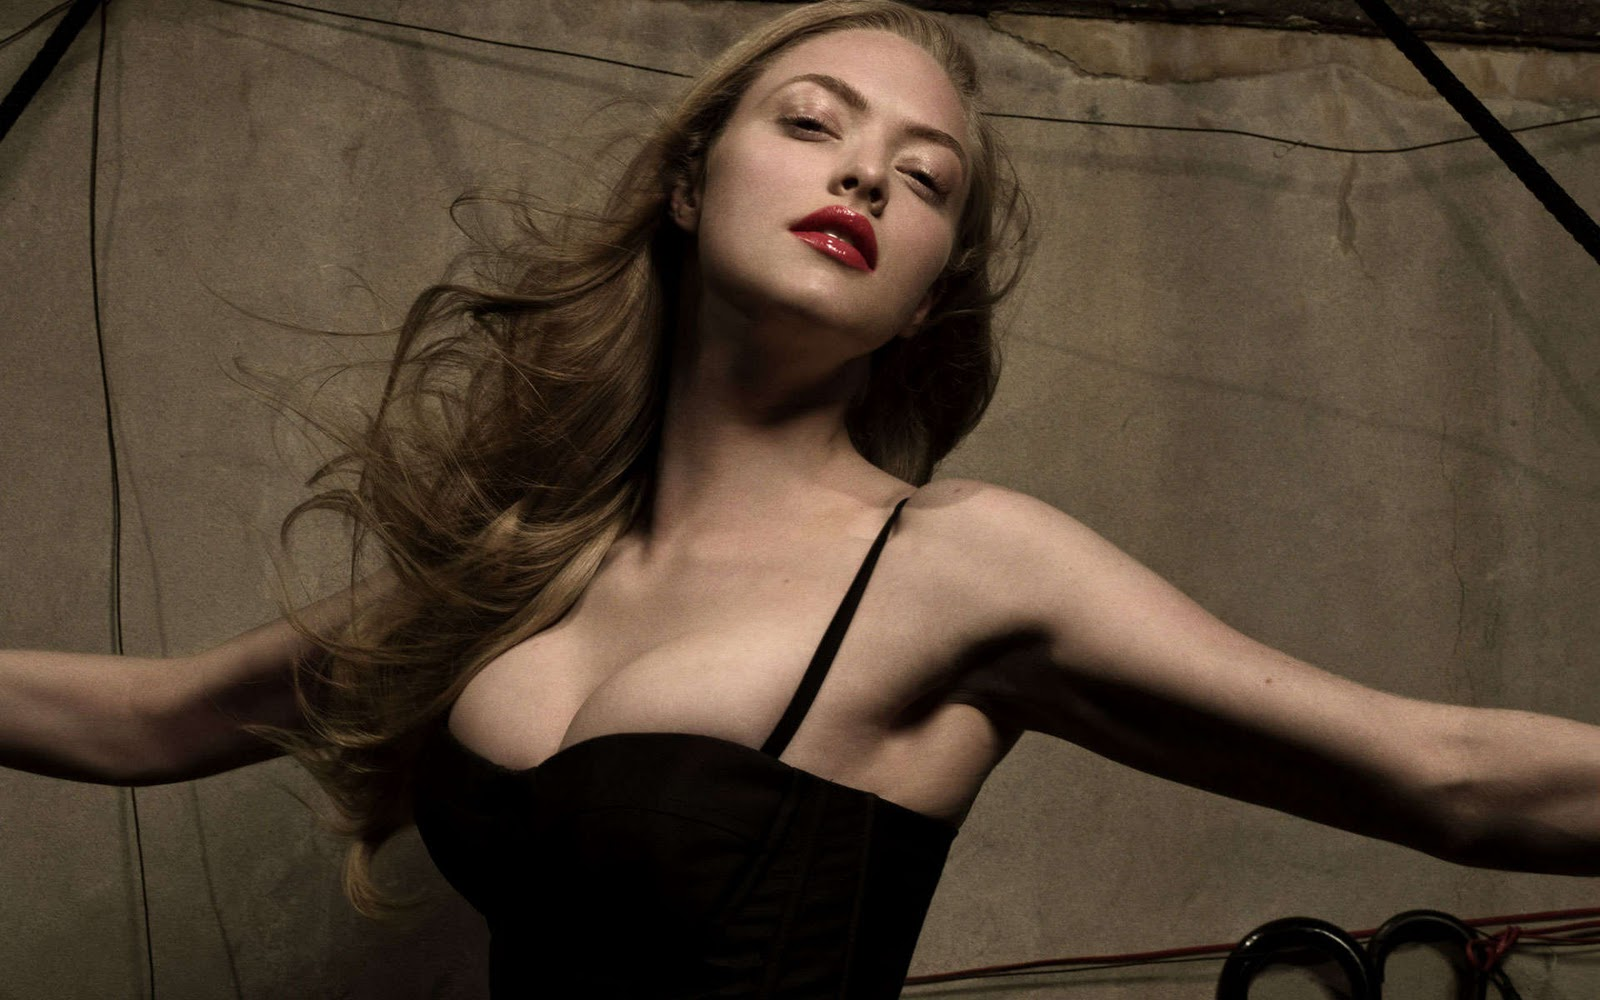 http://3.bp.blogspot.com/-scFt8Zgakbo/Tx7gdZlmdTI/AAAAAAAAB-8/UIRuceNboig/s1600/Amanda+Seyfried+Esquire-4.jpg